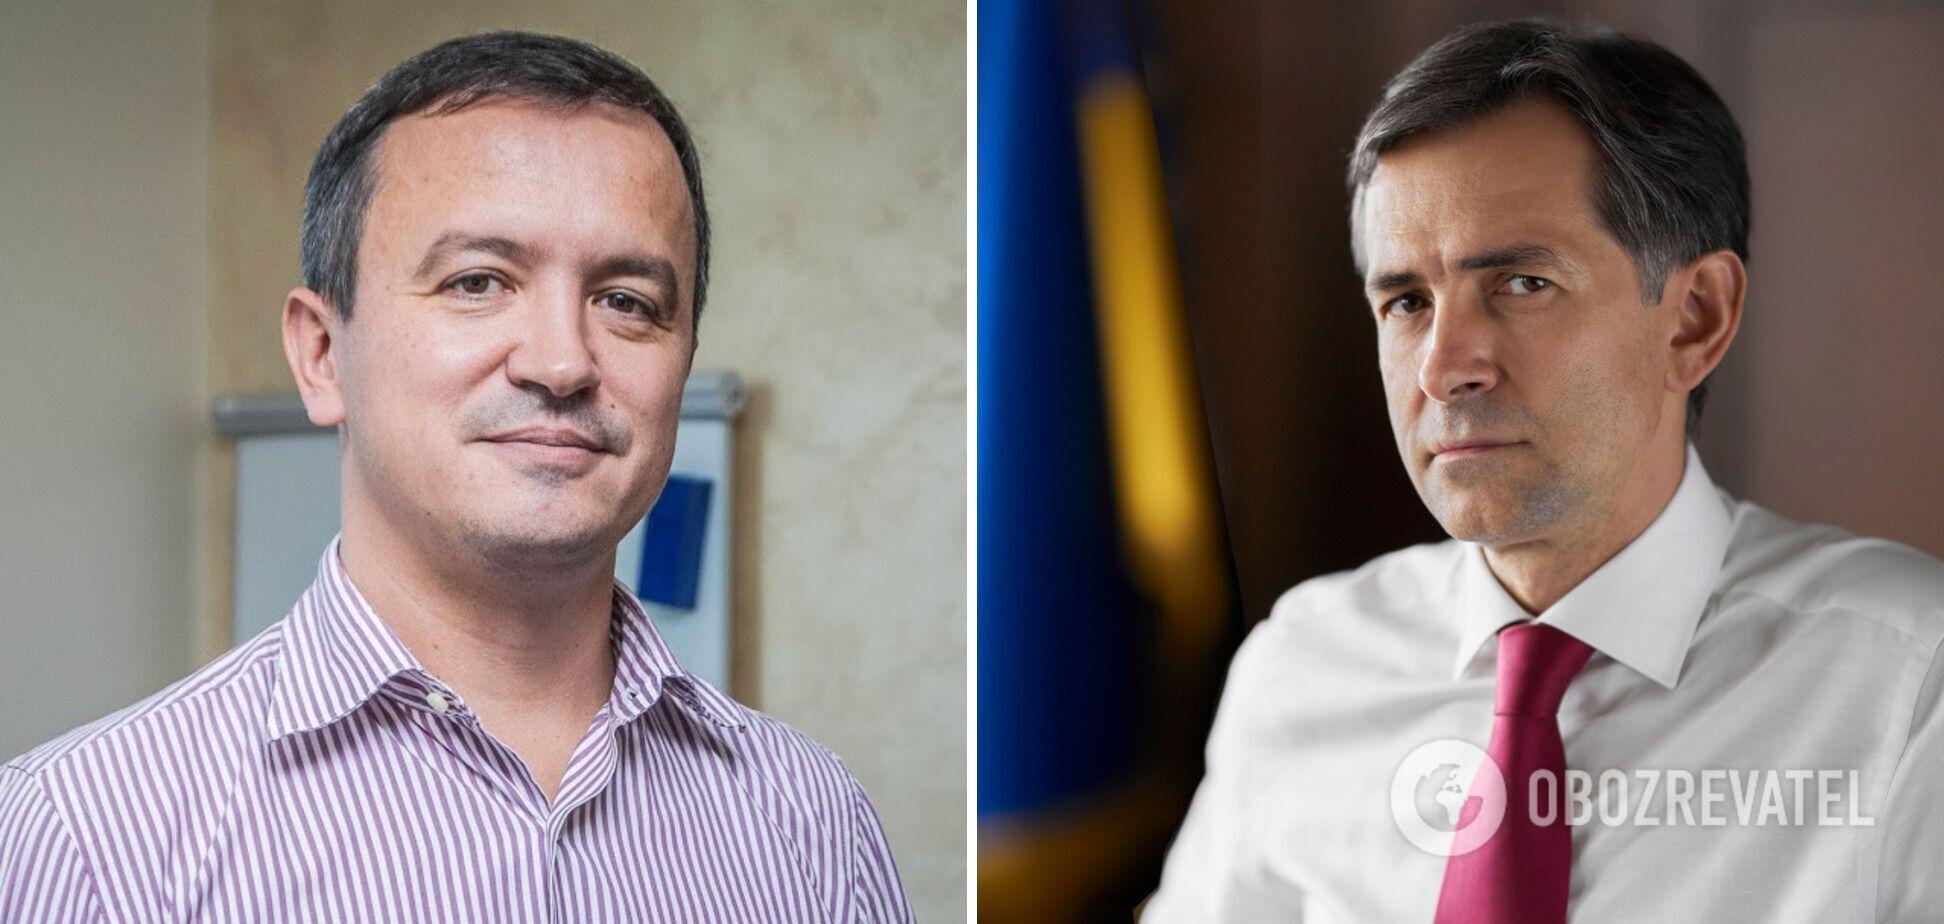 Петрашко хотят заменить на Любченко.